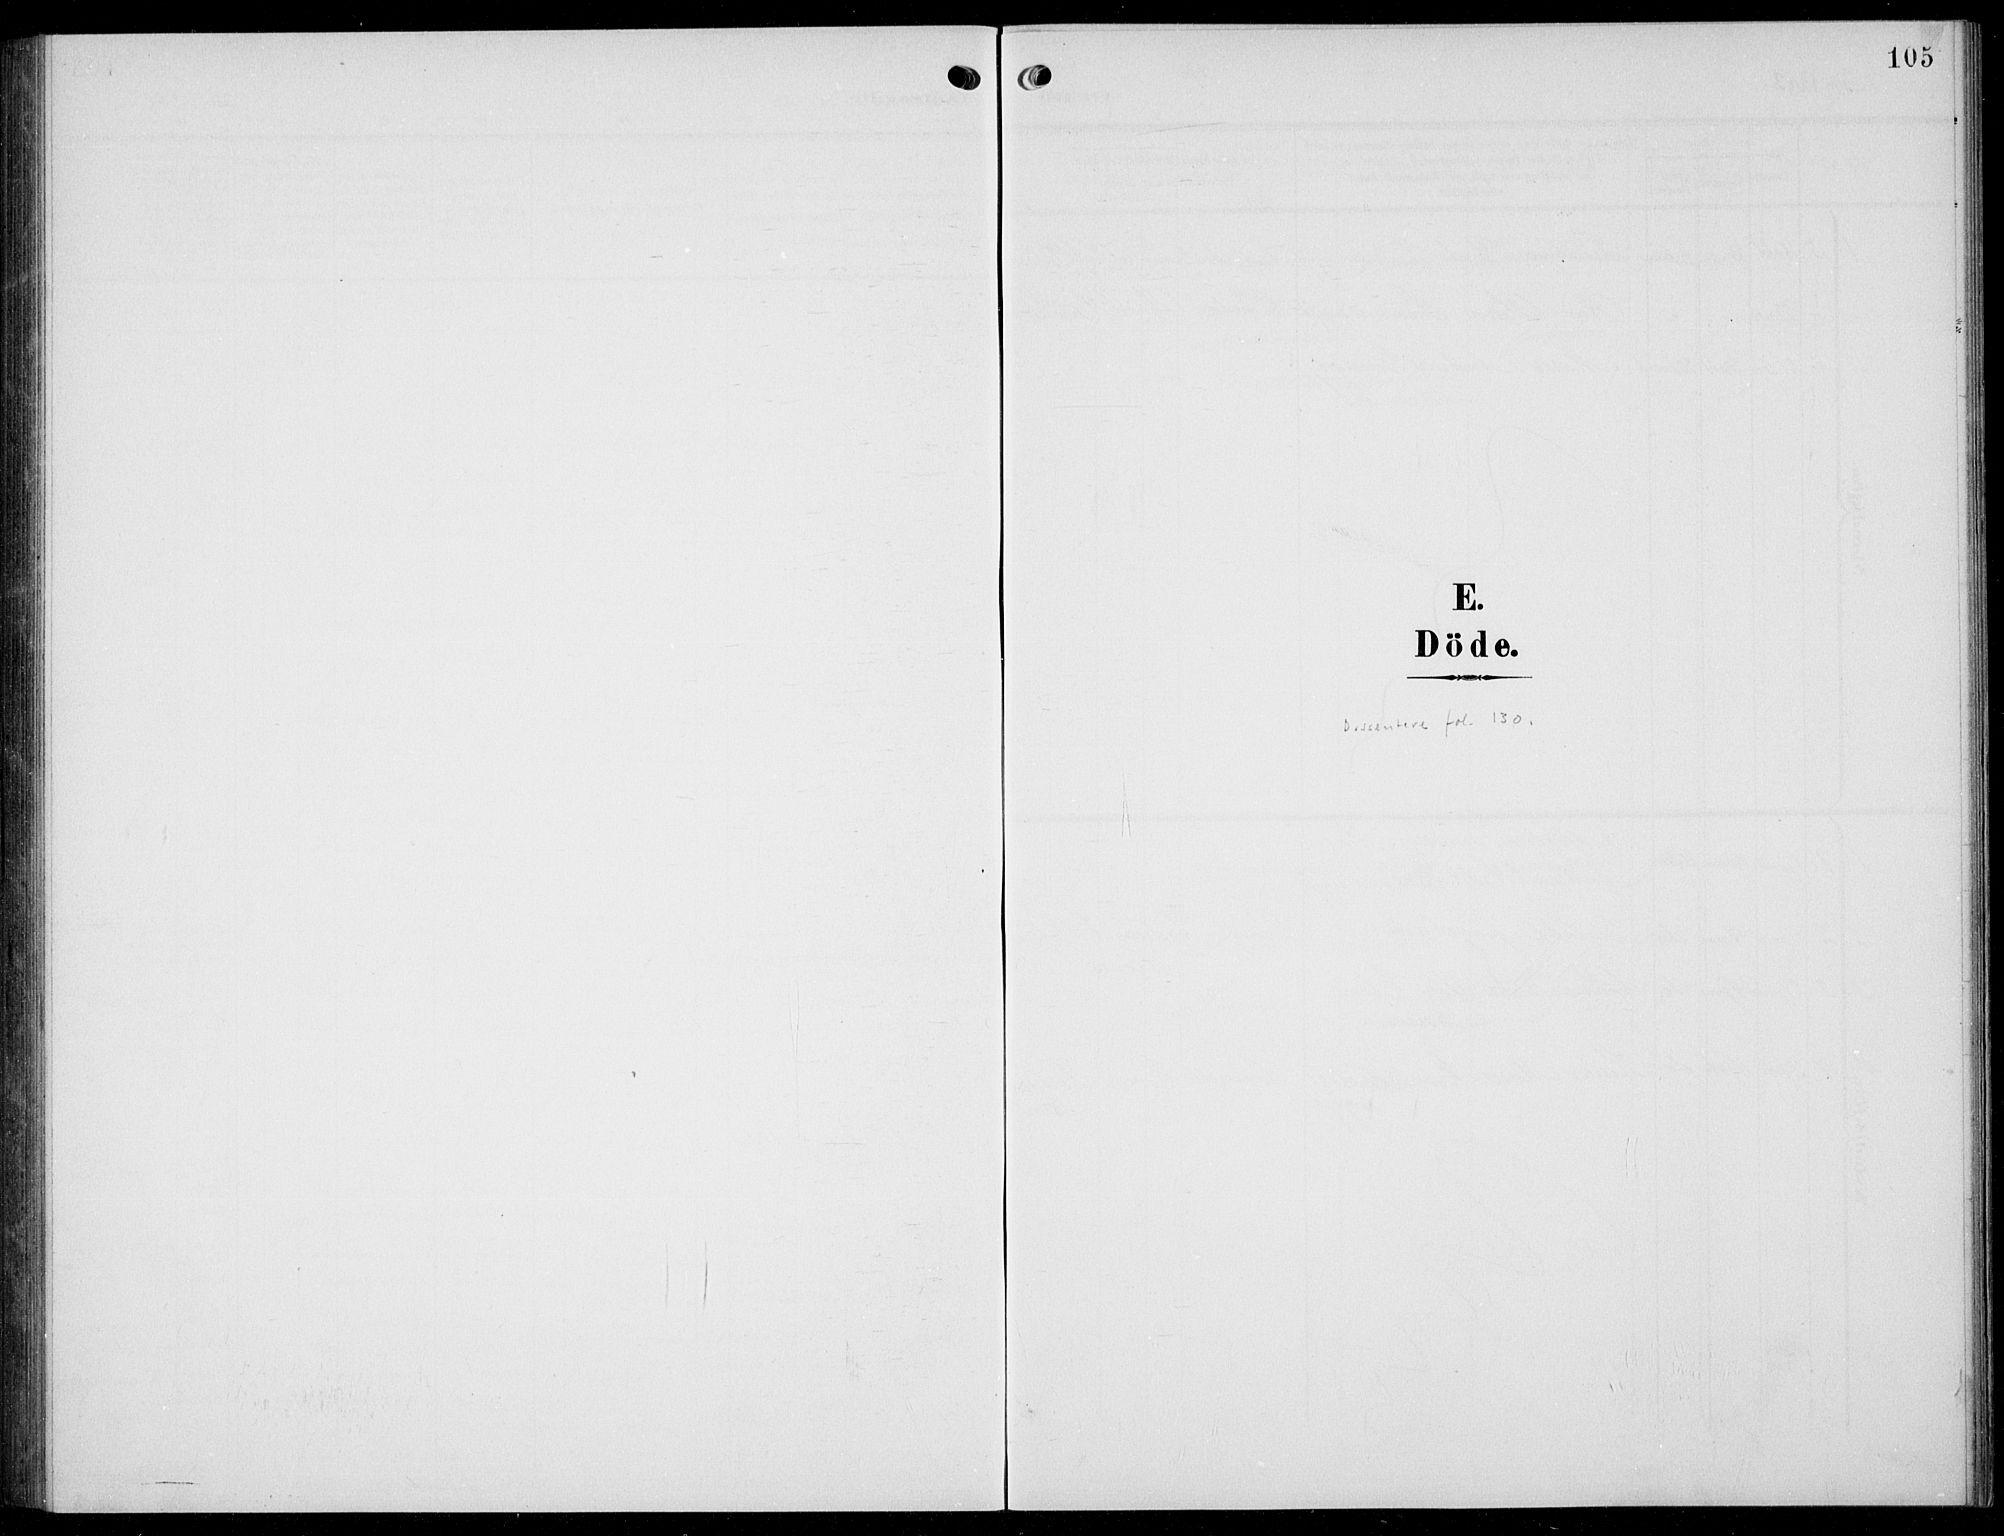 SAKO, Solum kirkebøker, G/Gc/L0002: Klokkerbok nr. III 2, 1902-1934, s. 105